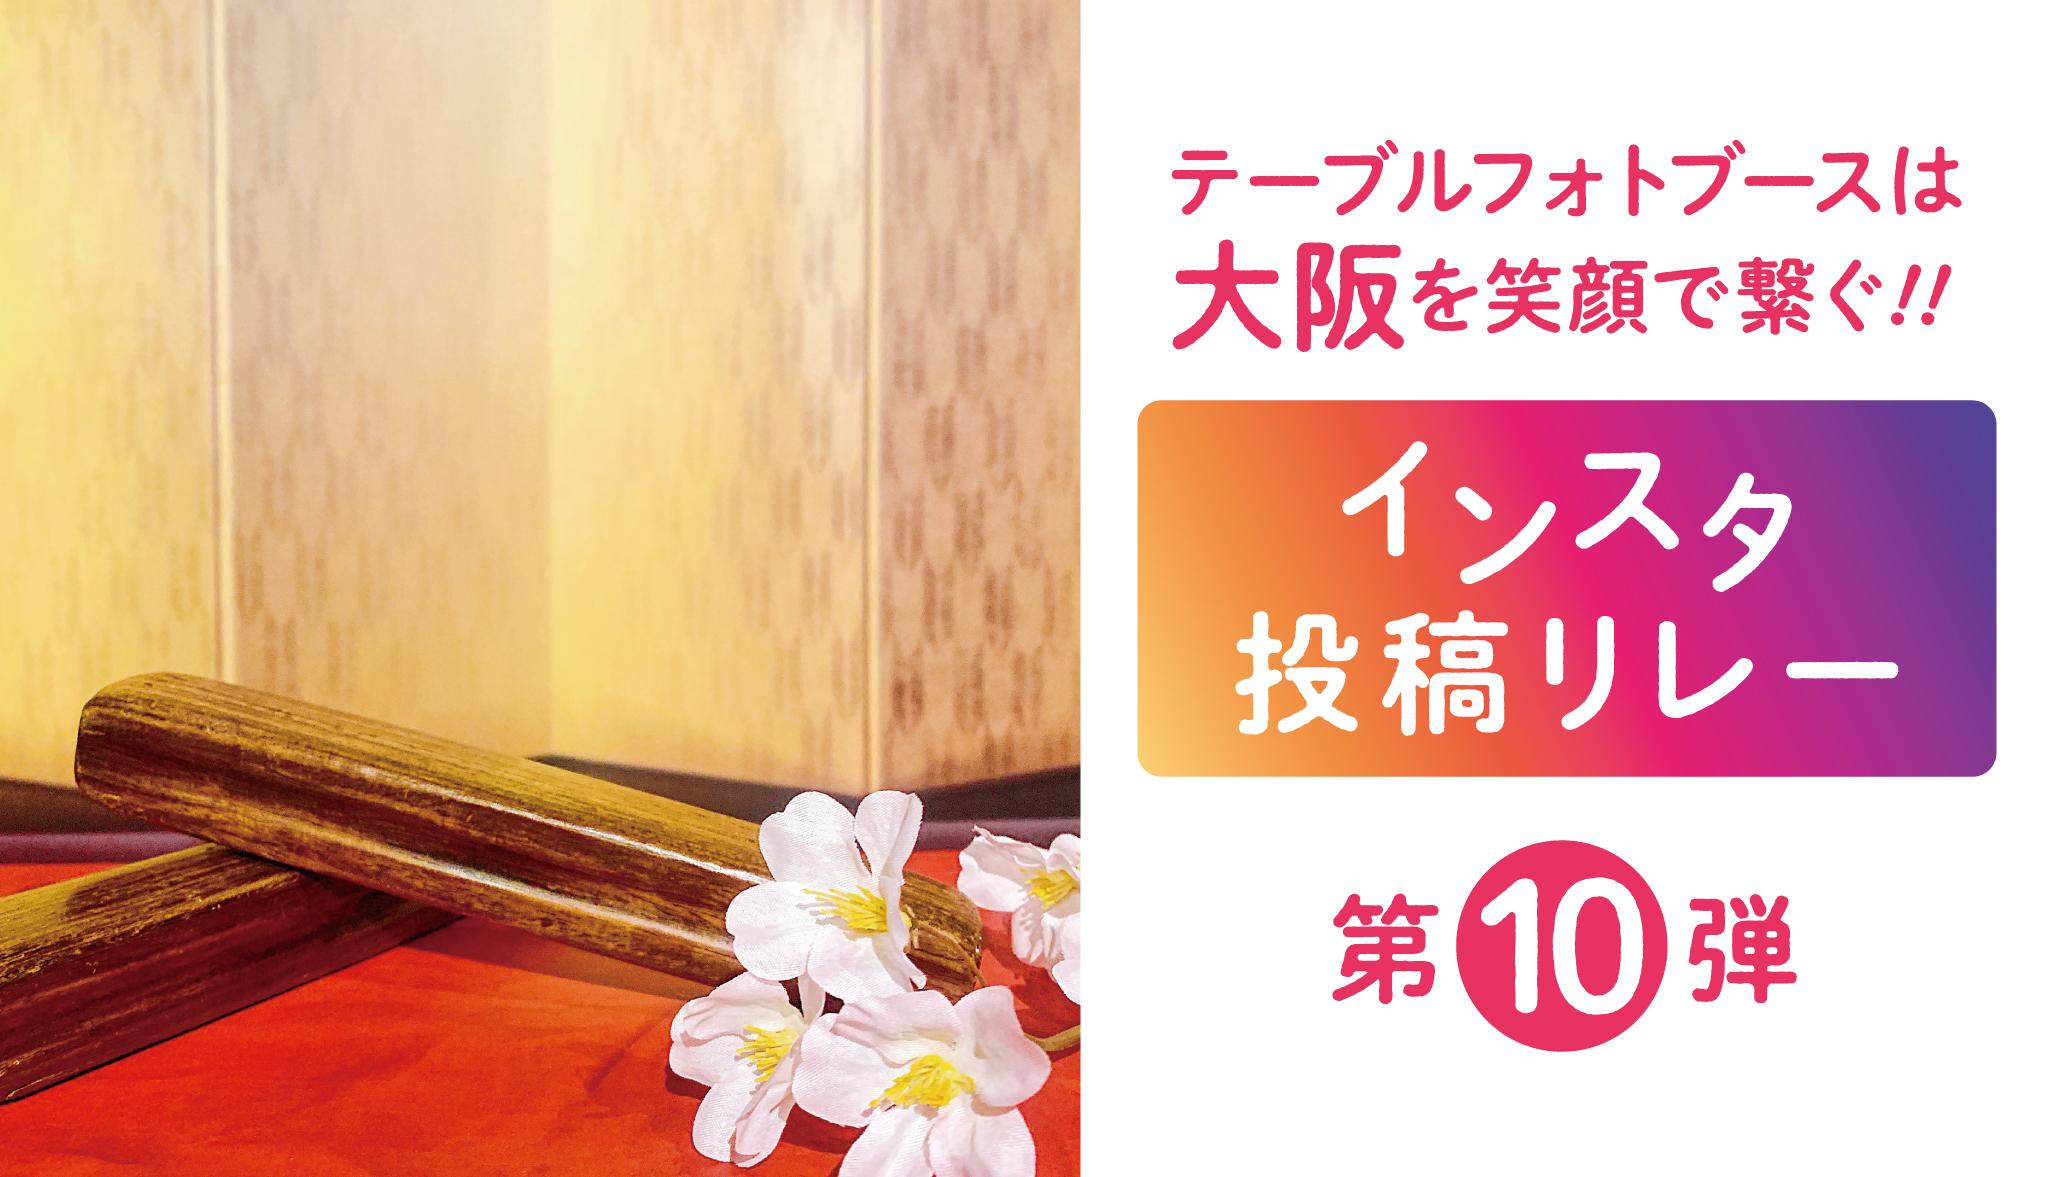 『テーブルフォトブースで大阪を笑顔で繋ぐ!!インスタ投稿リレー』第10弾!!